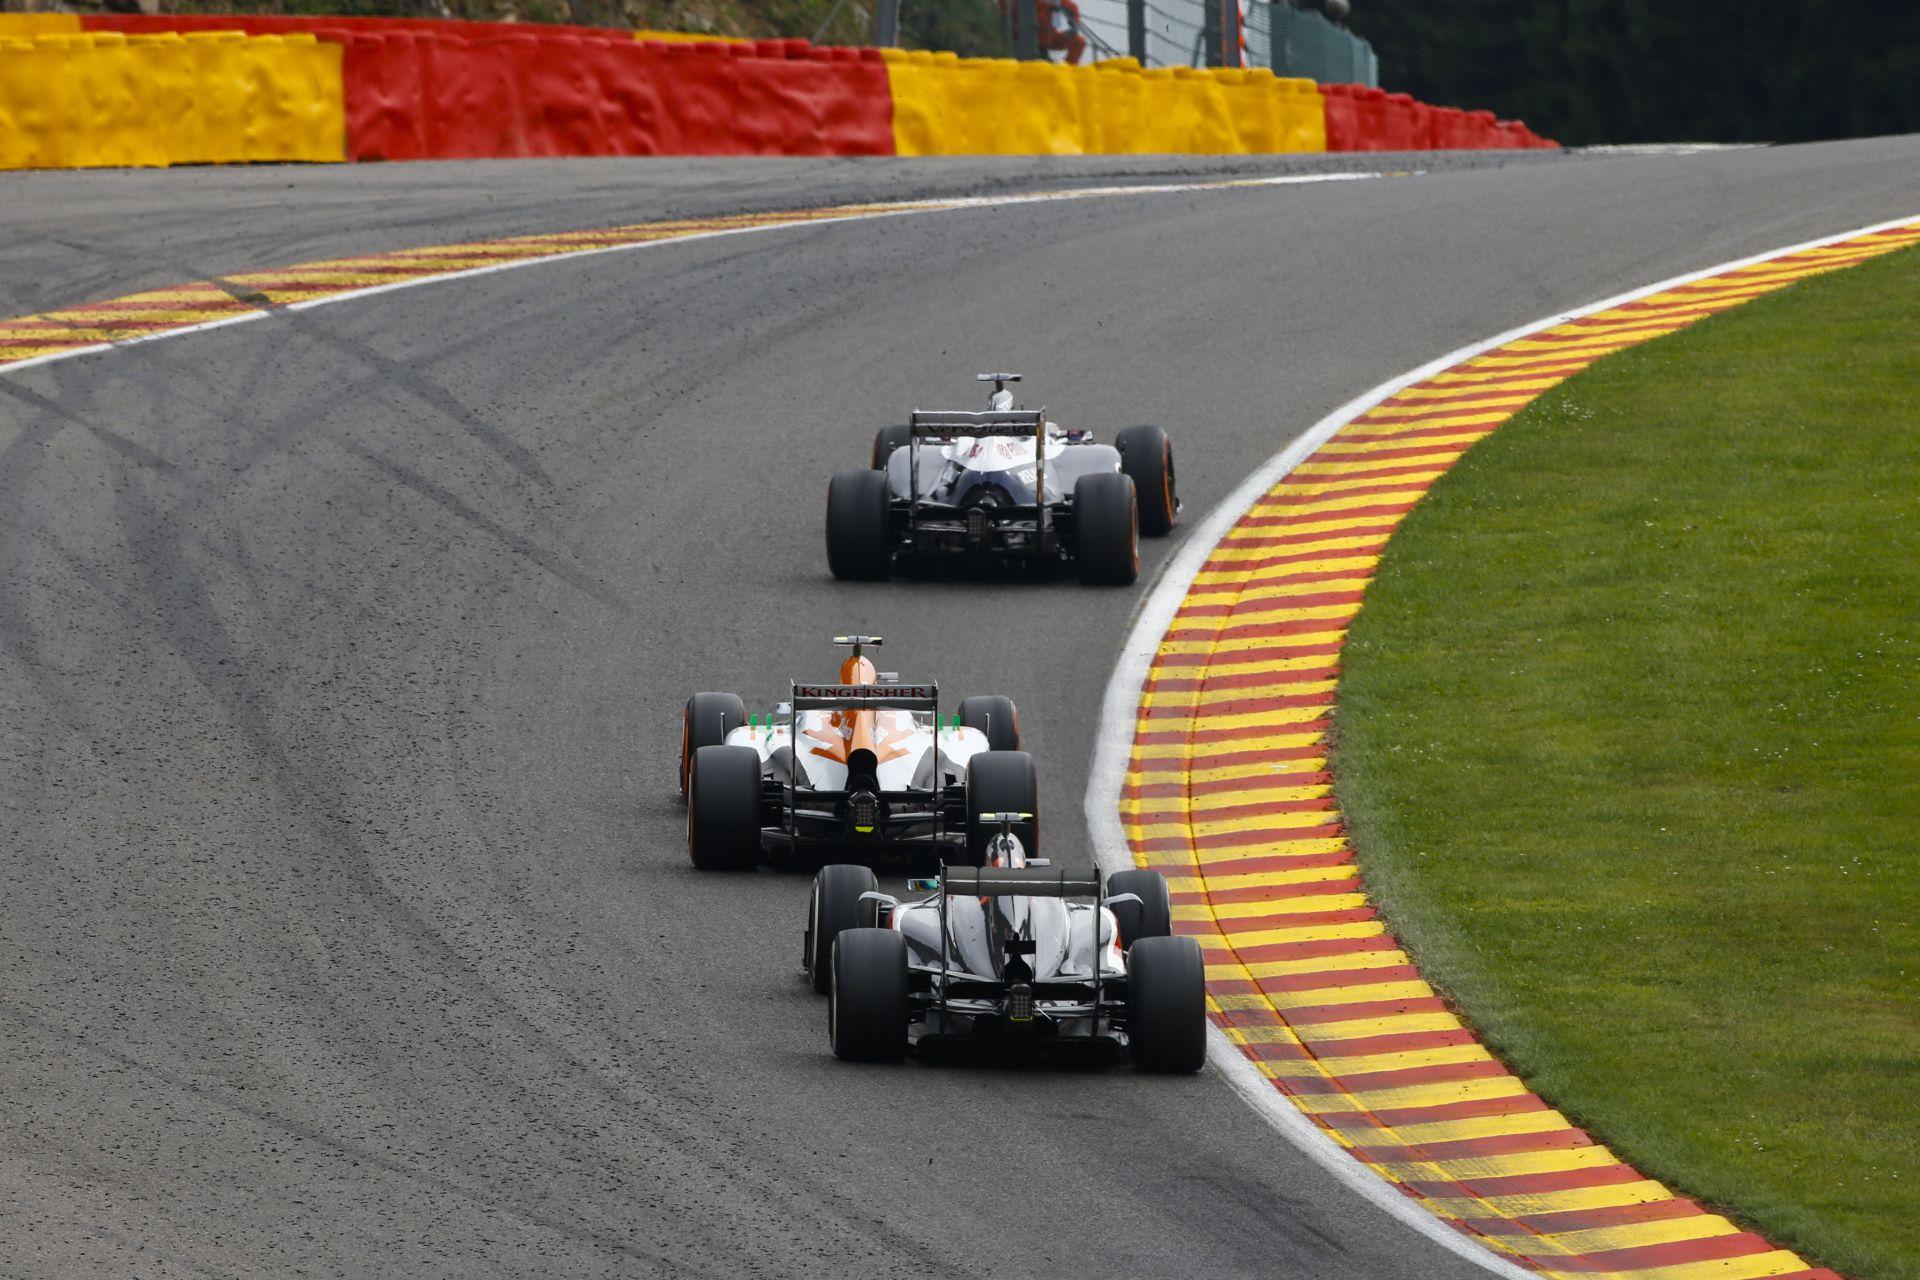 A Pirellinek Spában, a szabadedzések után be kellett volna dobnia a törülközőt? Ahogy a Michelin tette 2005-ben?